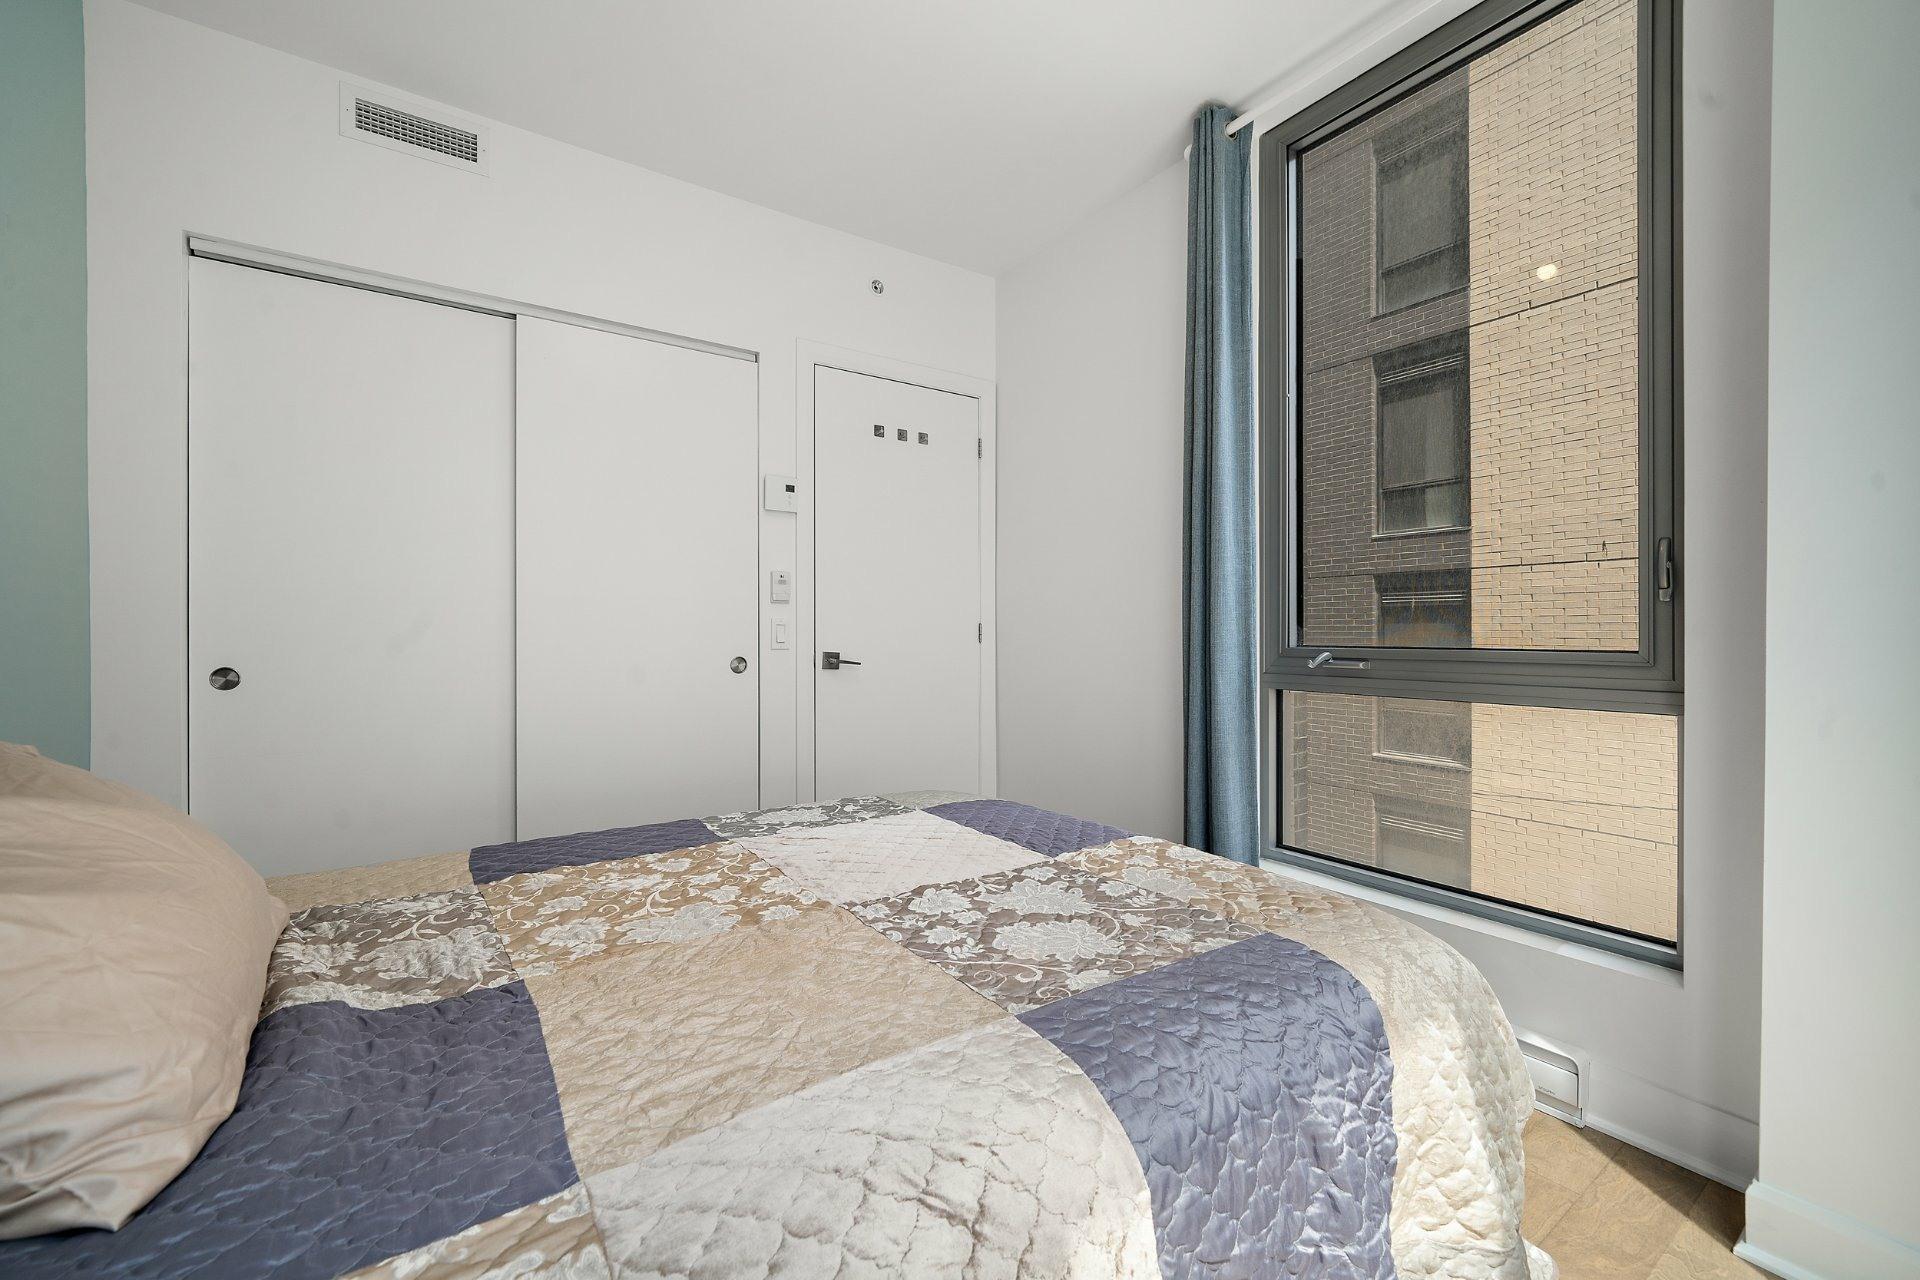 image 11 - Appartement À vendre Ville-Marie Montréal  - 3 pièces